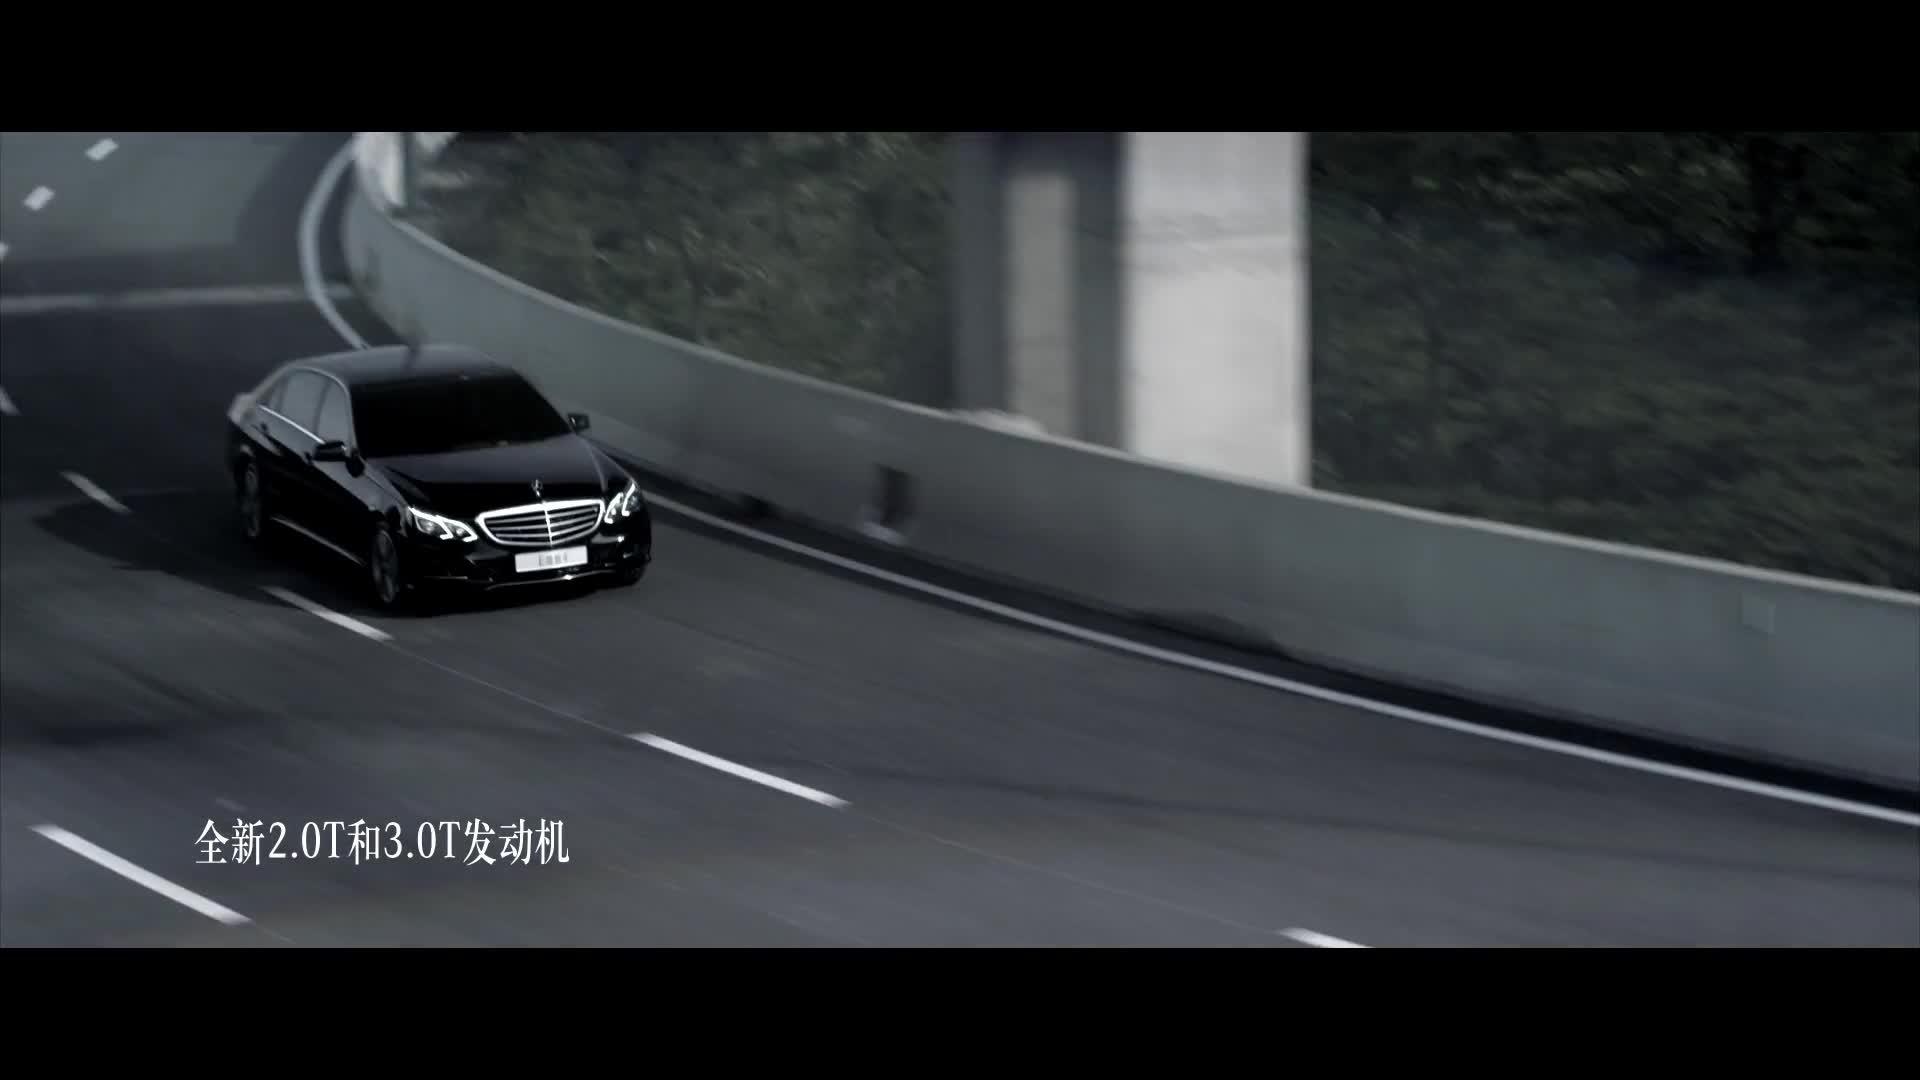 奔驰新 e级 车全 芯 蜕变高清图片